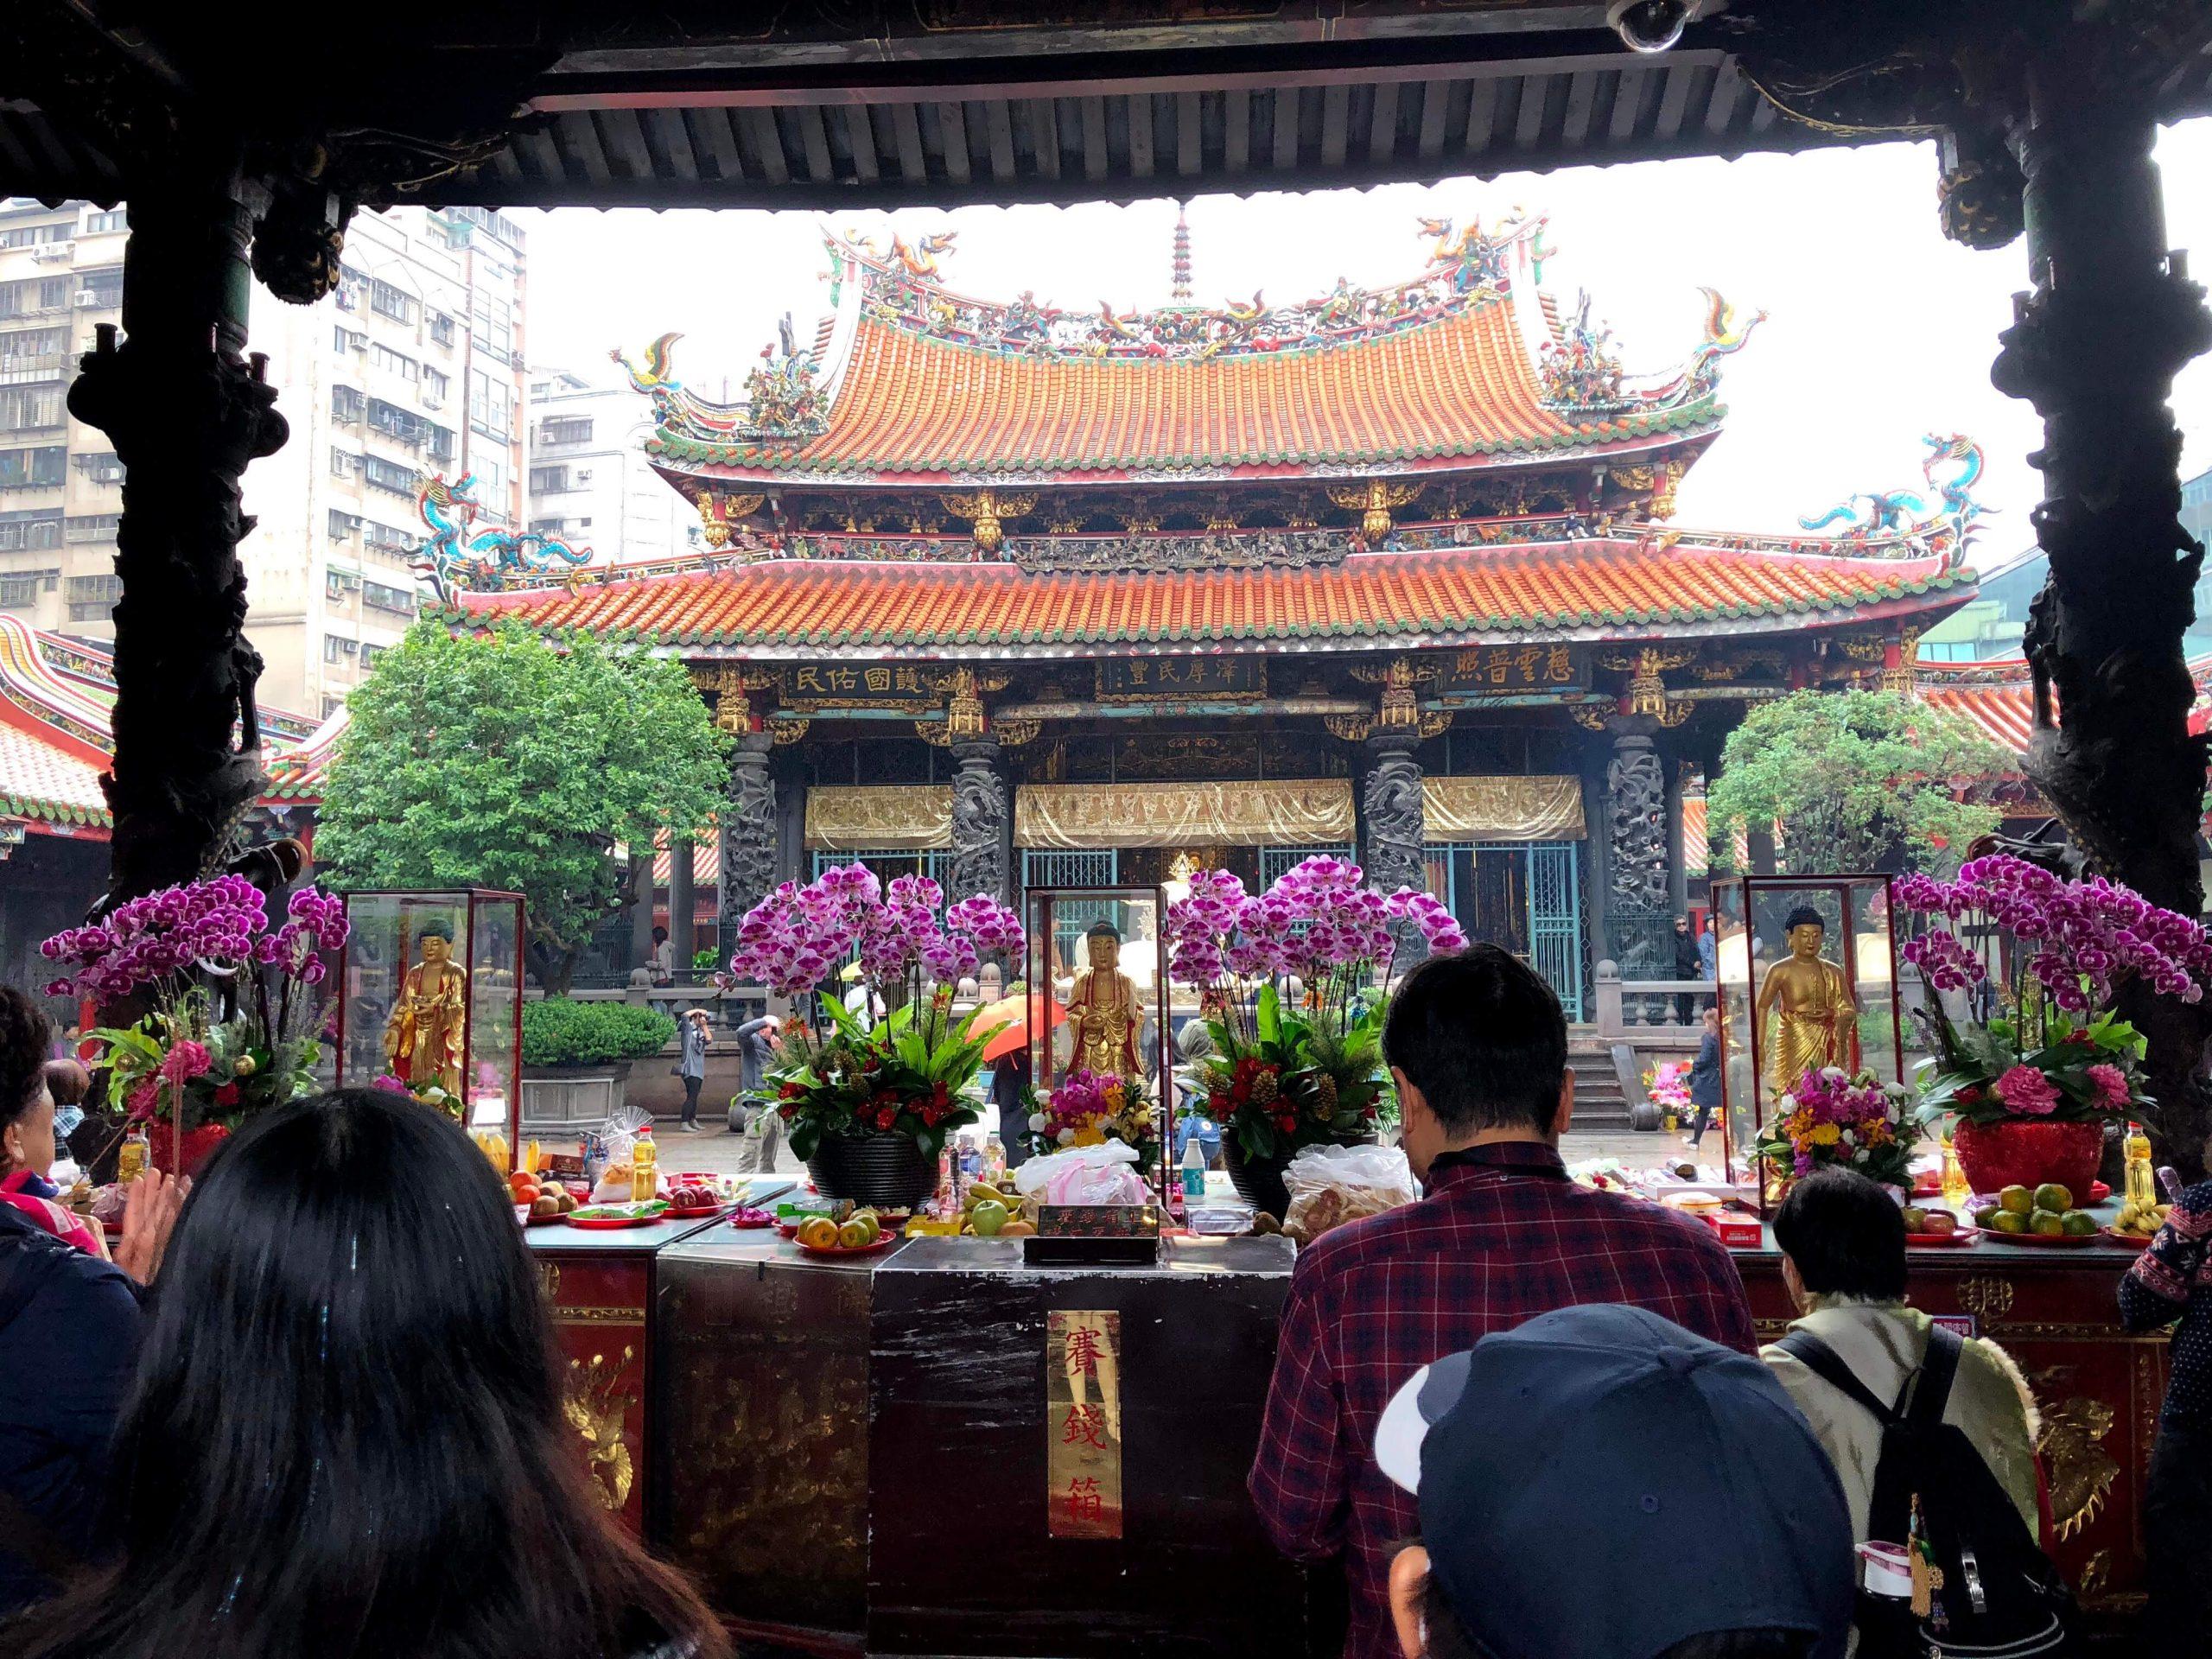 【台湾の人気パワースポット龍山寺で一風変わったおみくじに挑戦】2泊3日で行く台湾旅行記